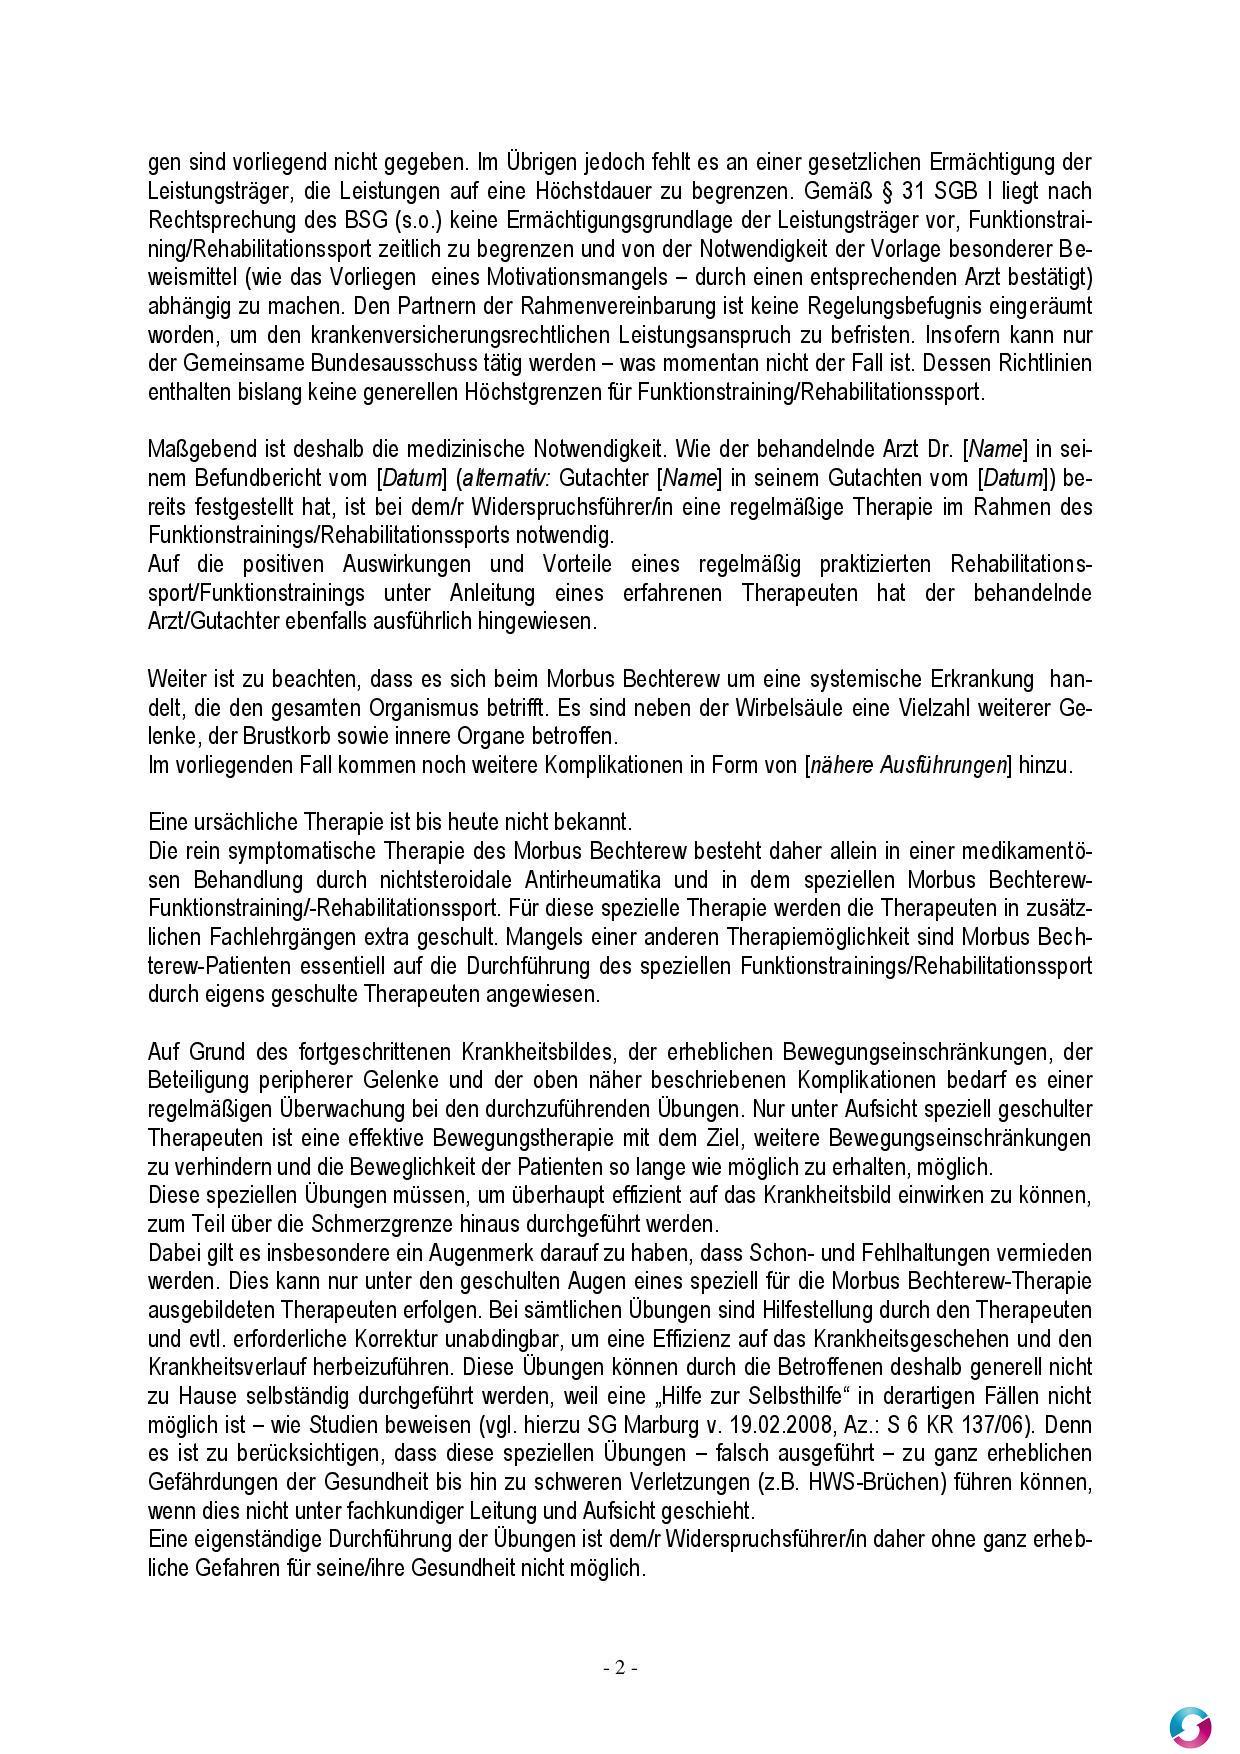 Medizinische Rehabilitation Antrag Und Widerspruch 11